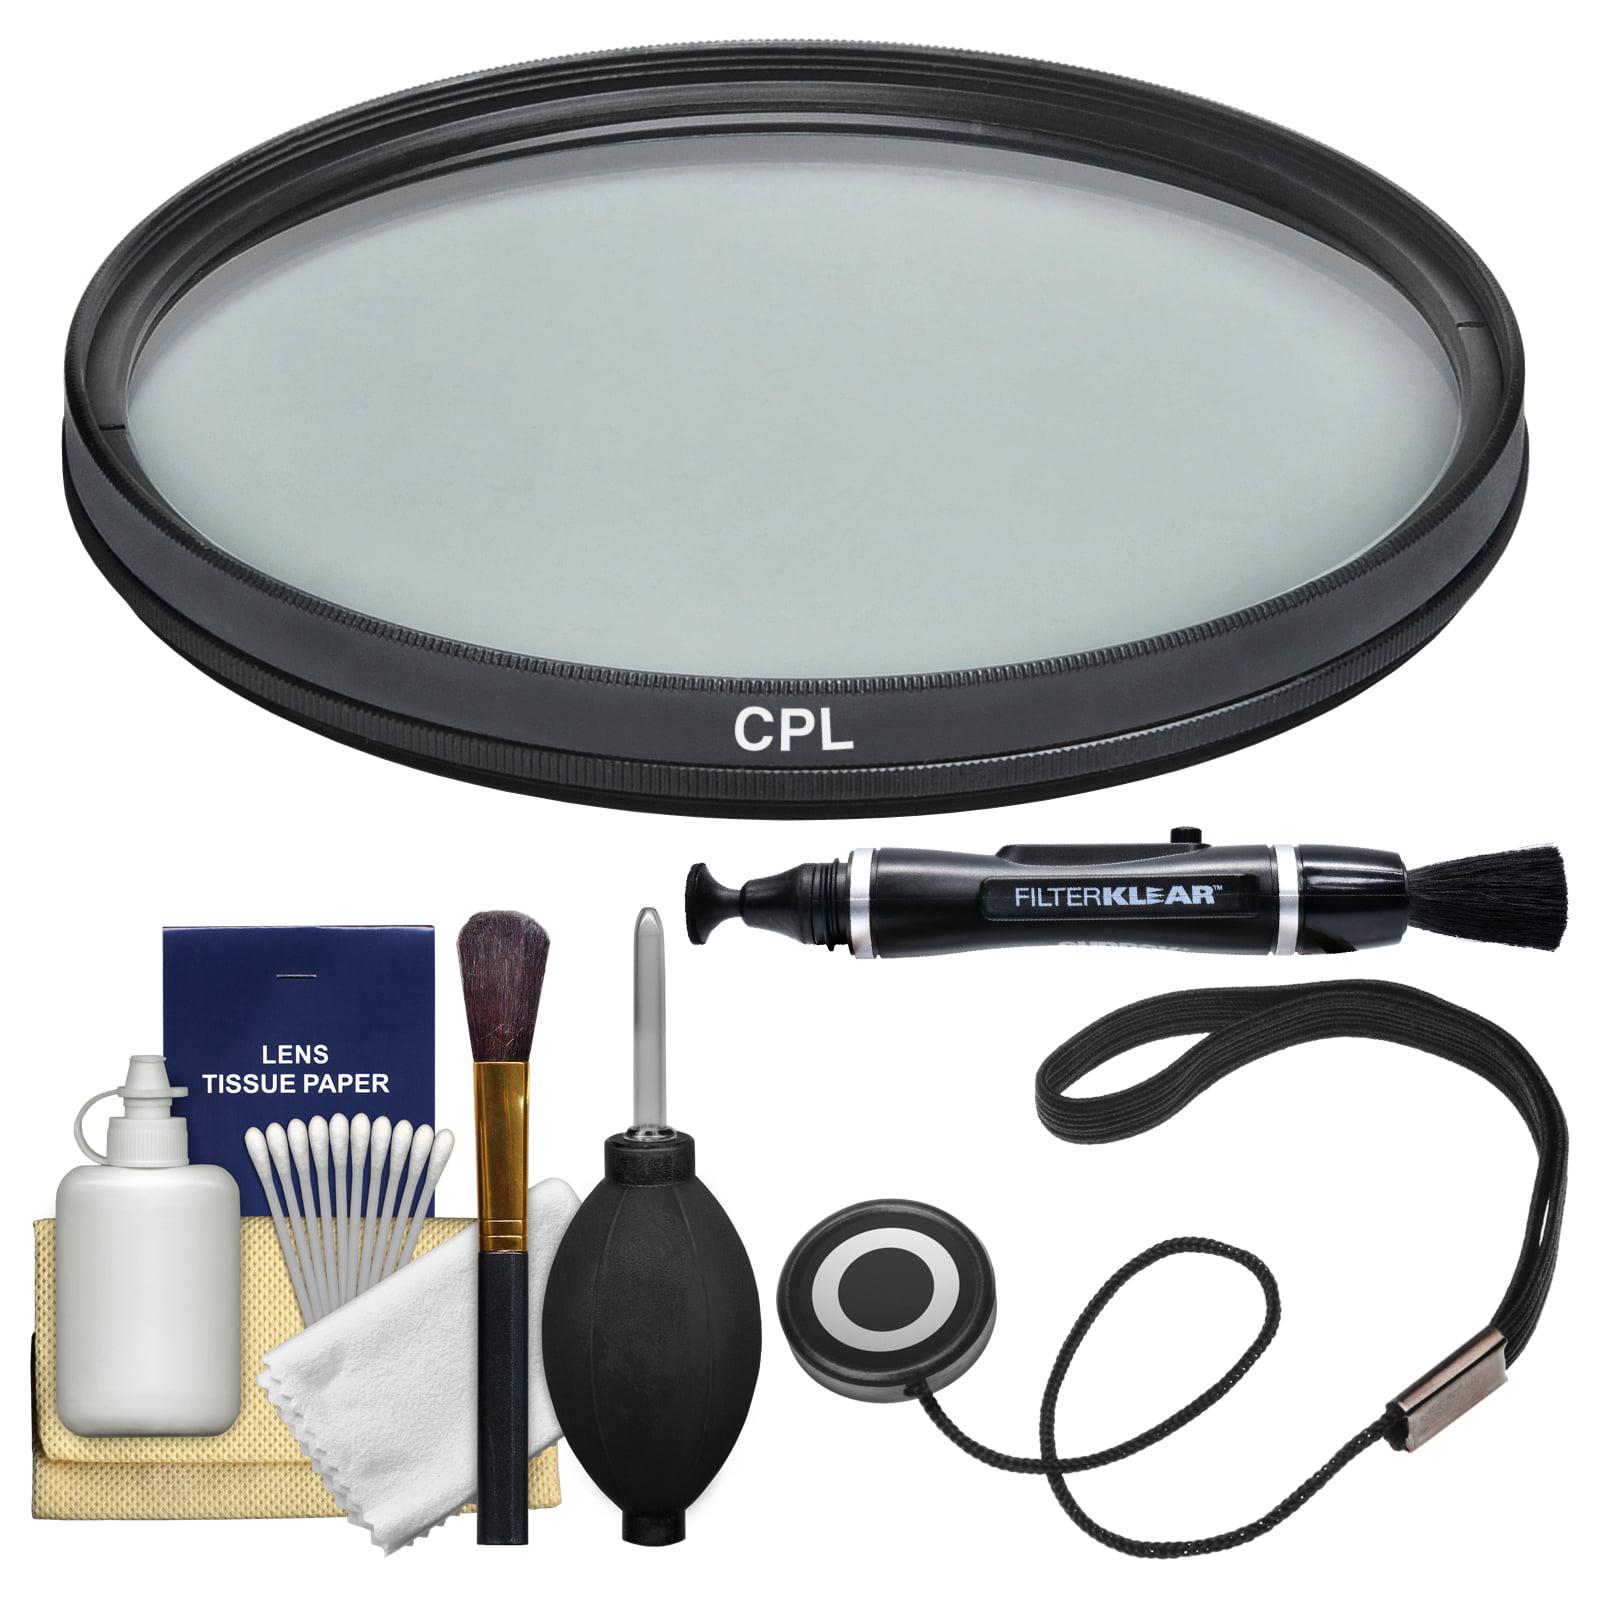 Vivitar 62mm Circular Polarizer Glass Filter + LensPen + CapKeeper + Lens Cleaning Kit for Canon, Nikon, Sony, Olympus & Pentax Lenses